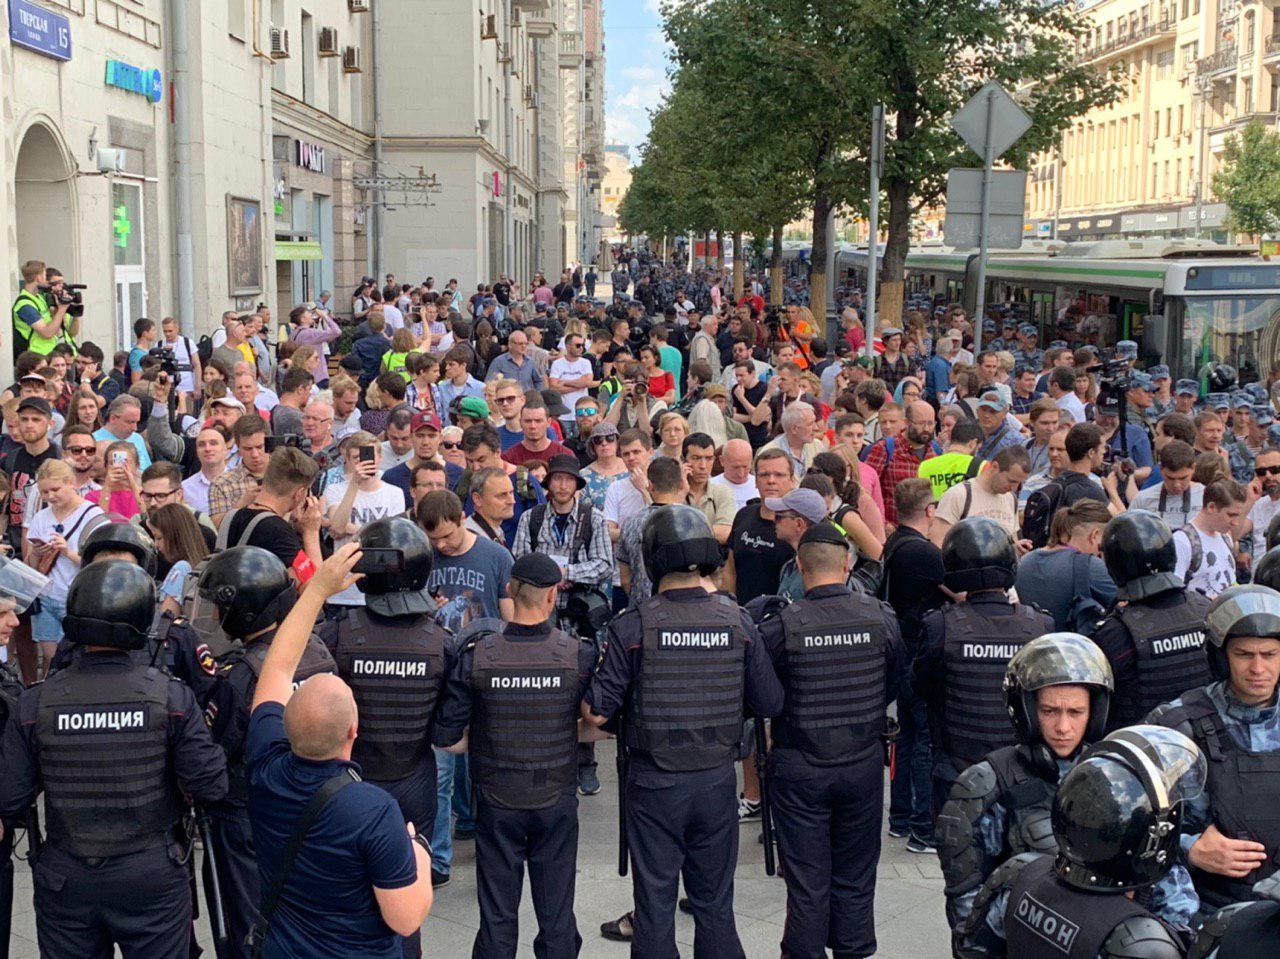 Итоги несогласованного митинга в Москве 27 июля